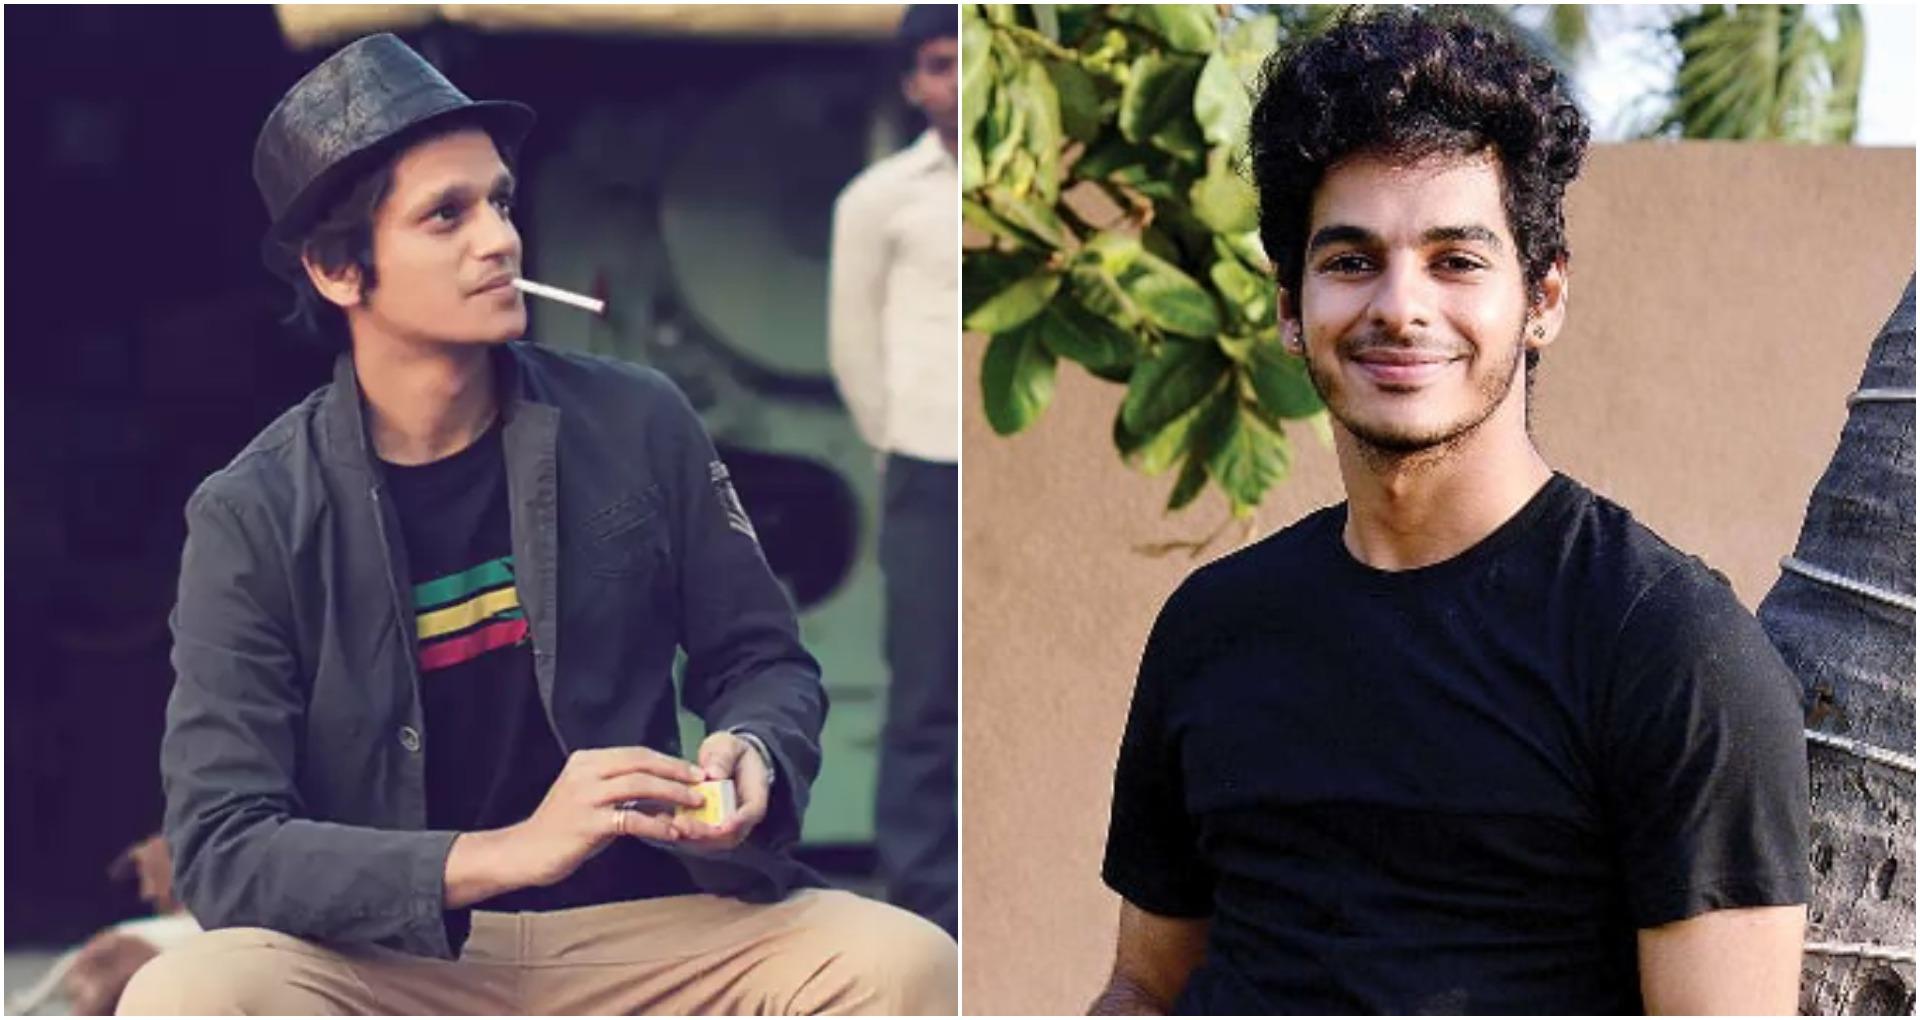 रणवीर सिंह ने नहीं बल्कि मोईन भाई विजय वर्मा के मुरीद हुए ईशान खट्टर, गली बॉय के लिए गा डाला रैप